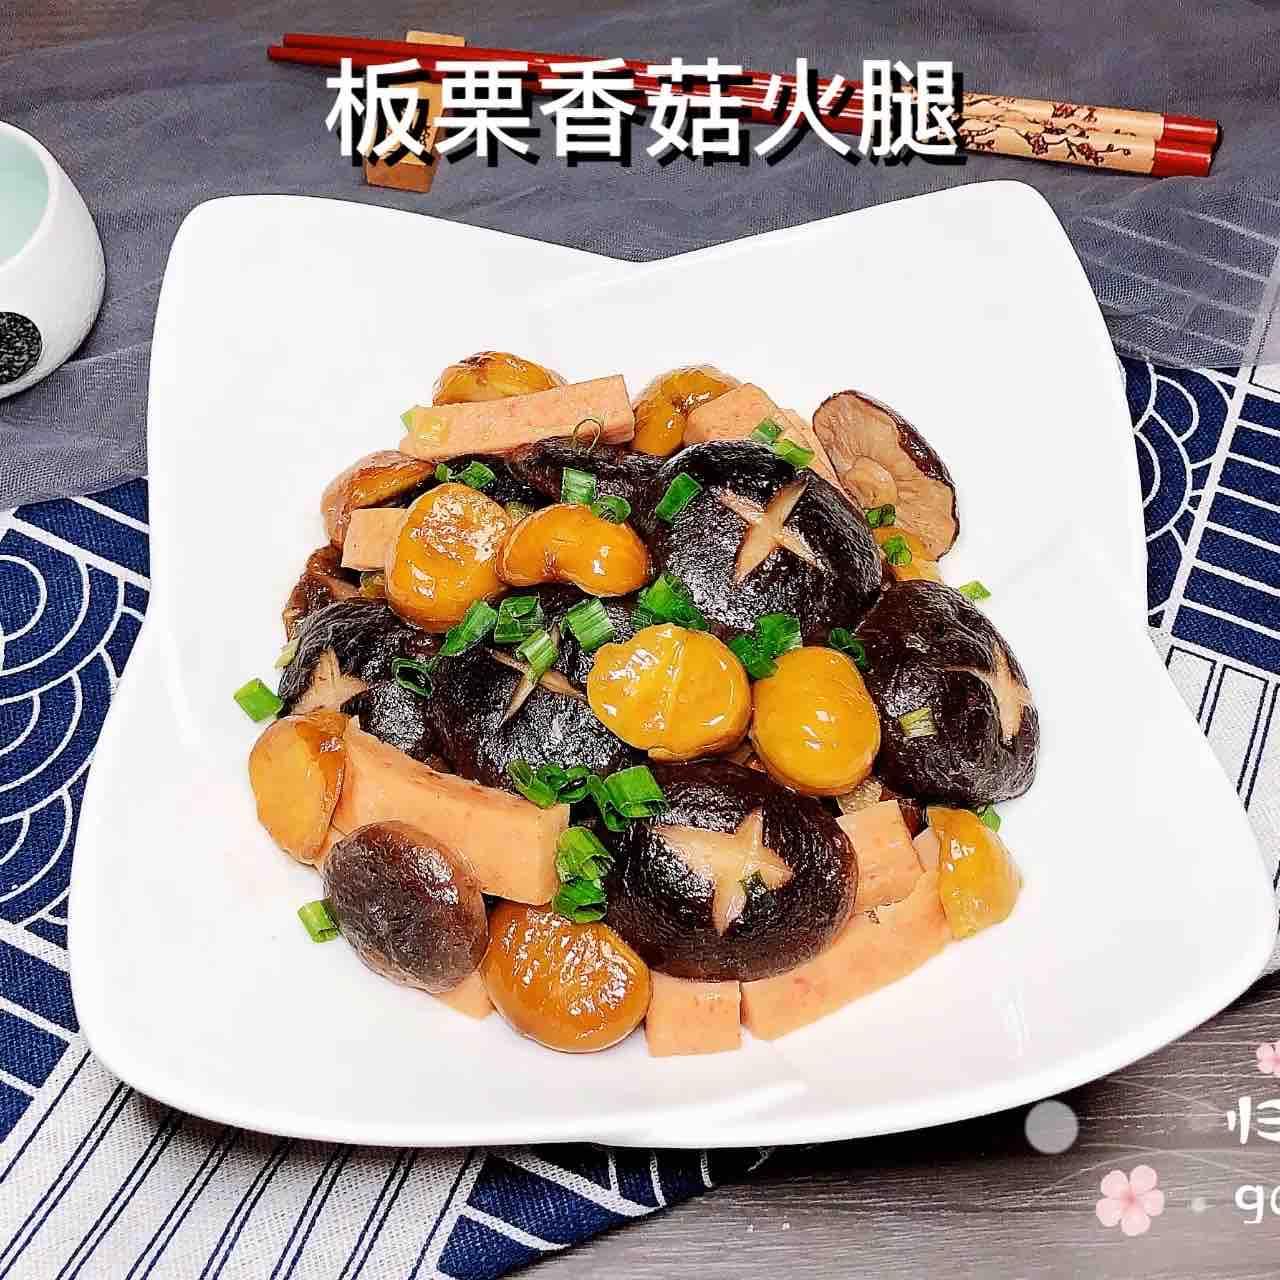 板栗香菇火腿(10分钟快手菜)